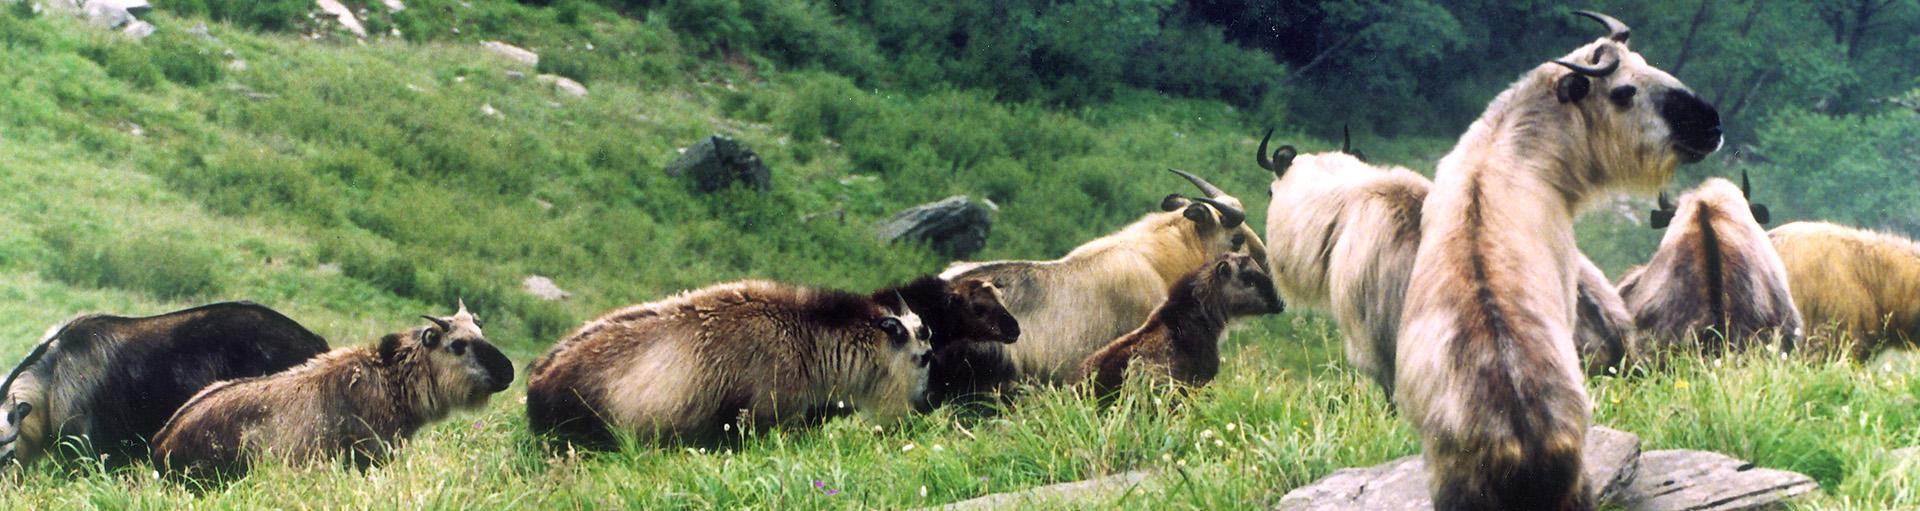 四川唐家河国家级自然保护区